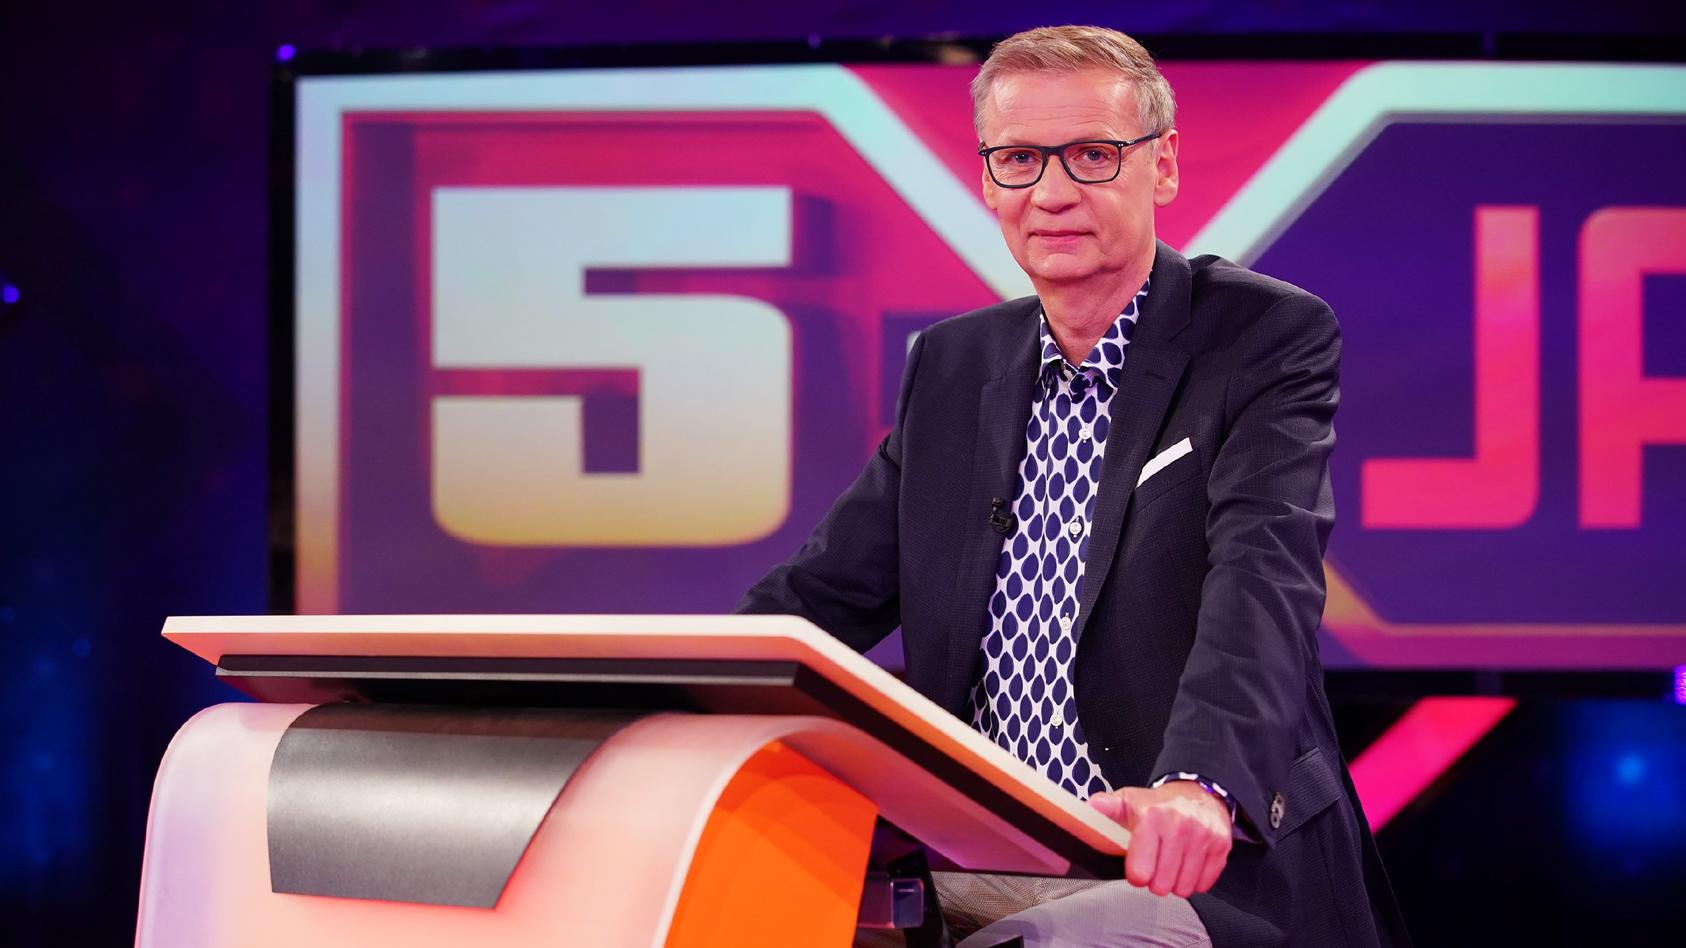 """Günther Jauch in der finalen Folge von """"5 gegen Jauch""""."""